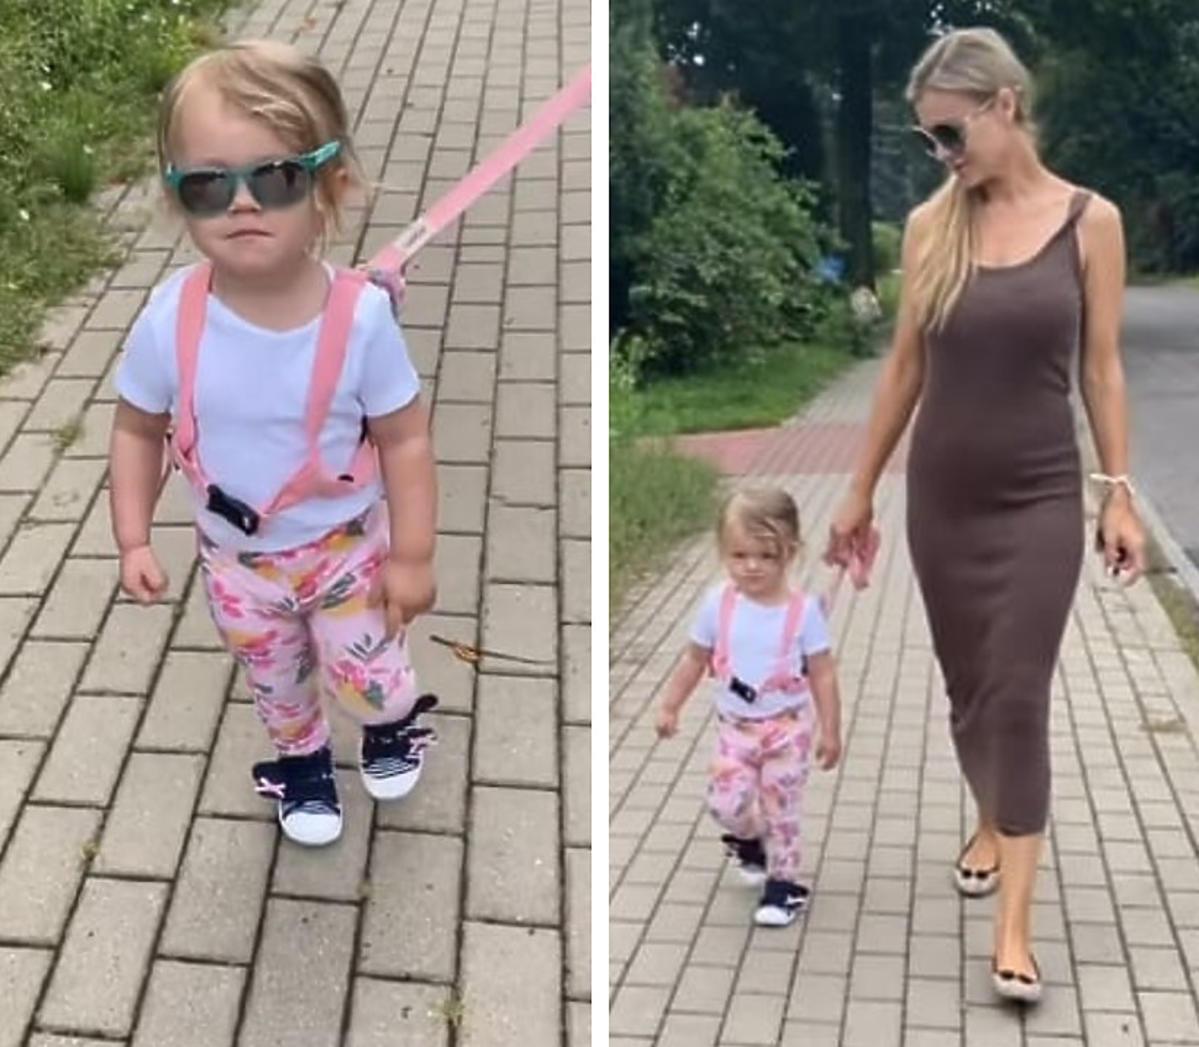 Joanna Krupa prowadzi córkę na smyczy